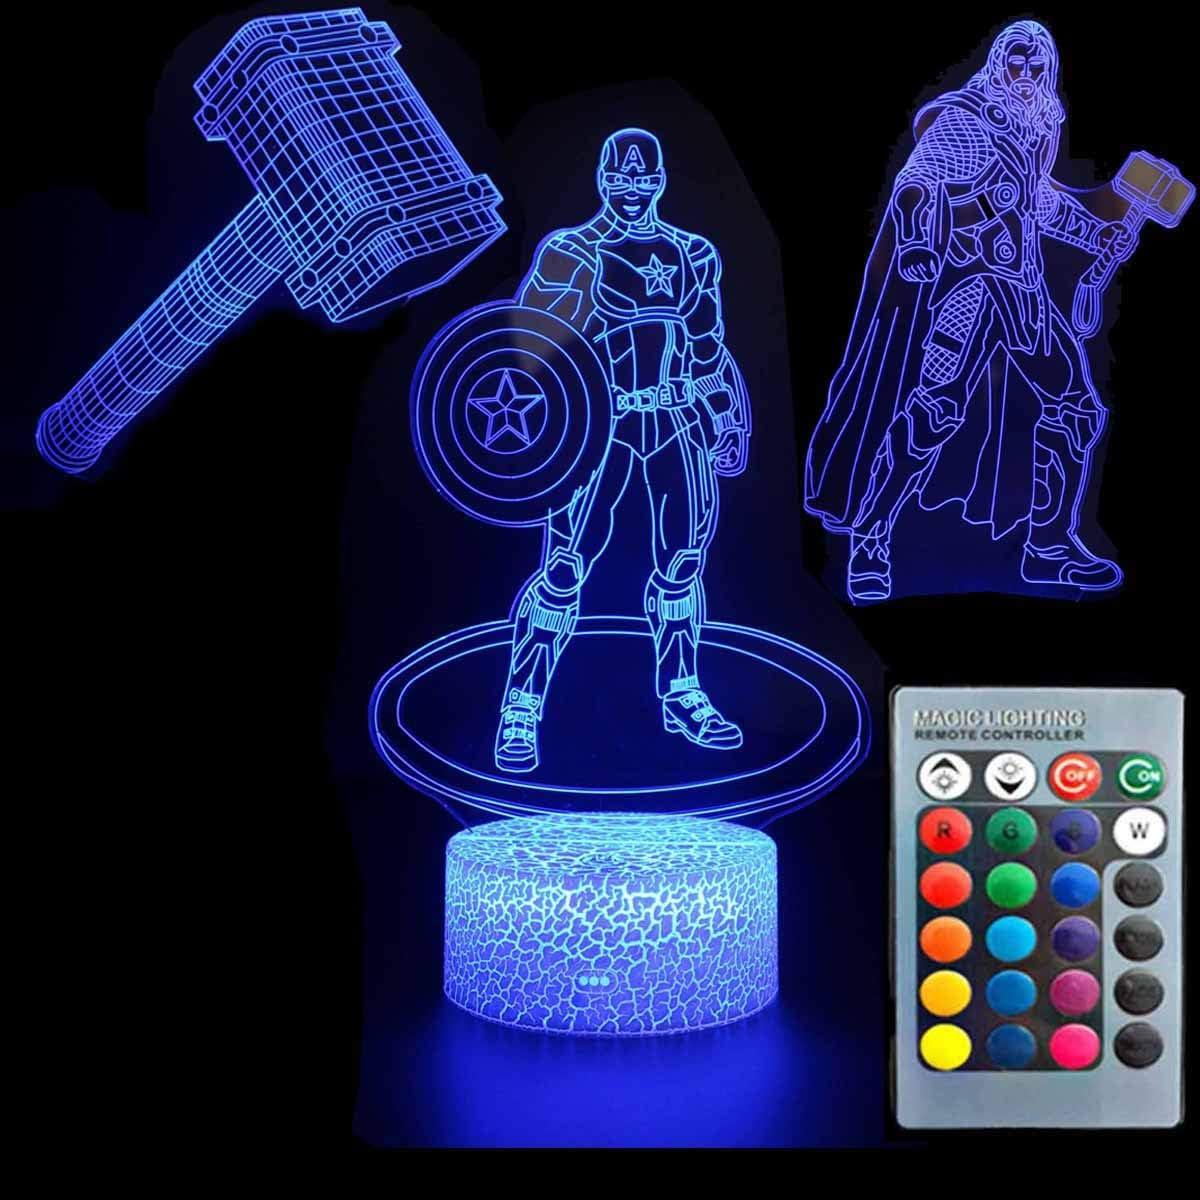 3D Illusion Avengers Super Hero Night Light Three Pattern Captain America/Thor/Thor's Hammer 7 Color Change Decor Lamp Desk Table Night Light Lamp for Kids Children